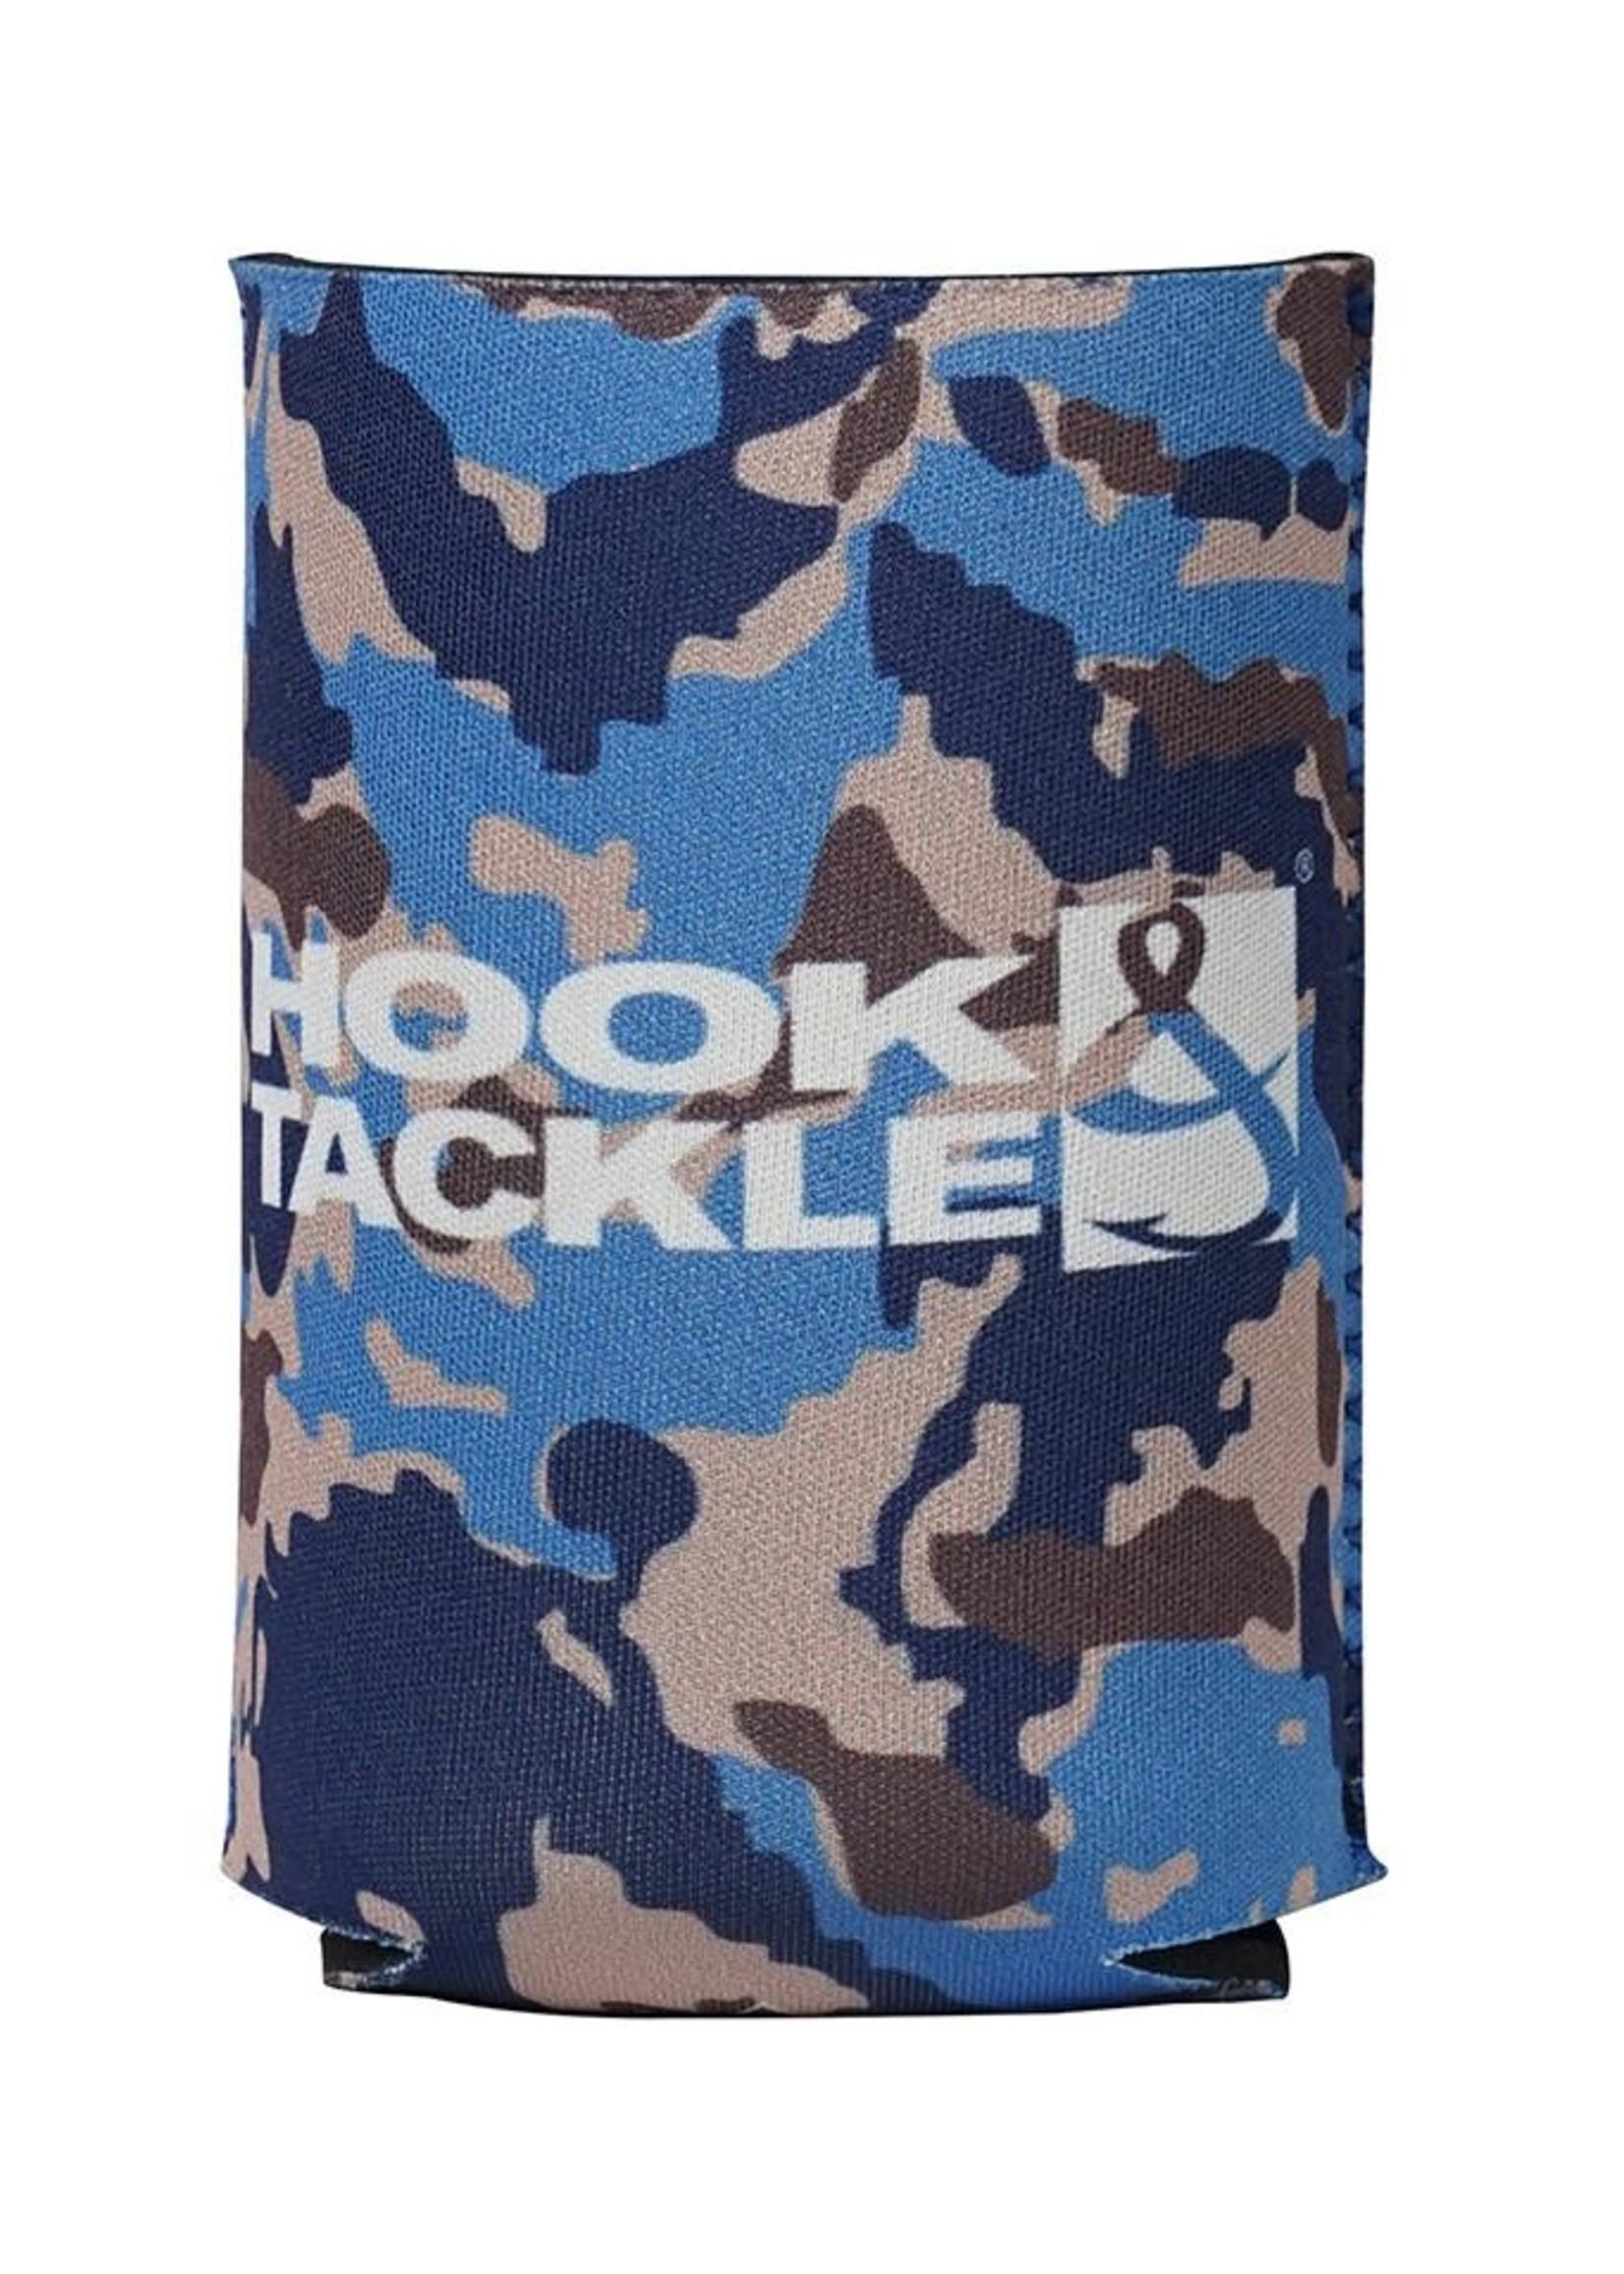 Hook & Tackle Blue Camo Koolie